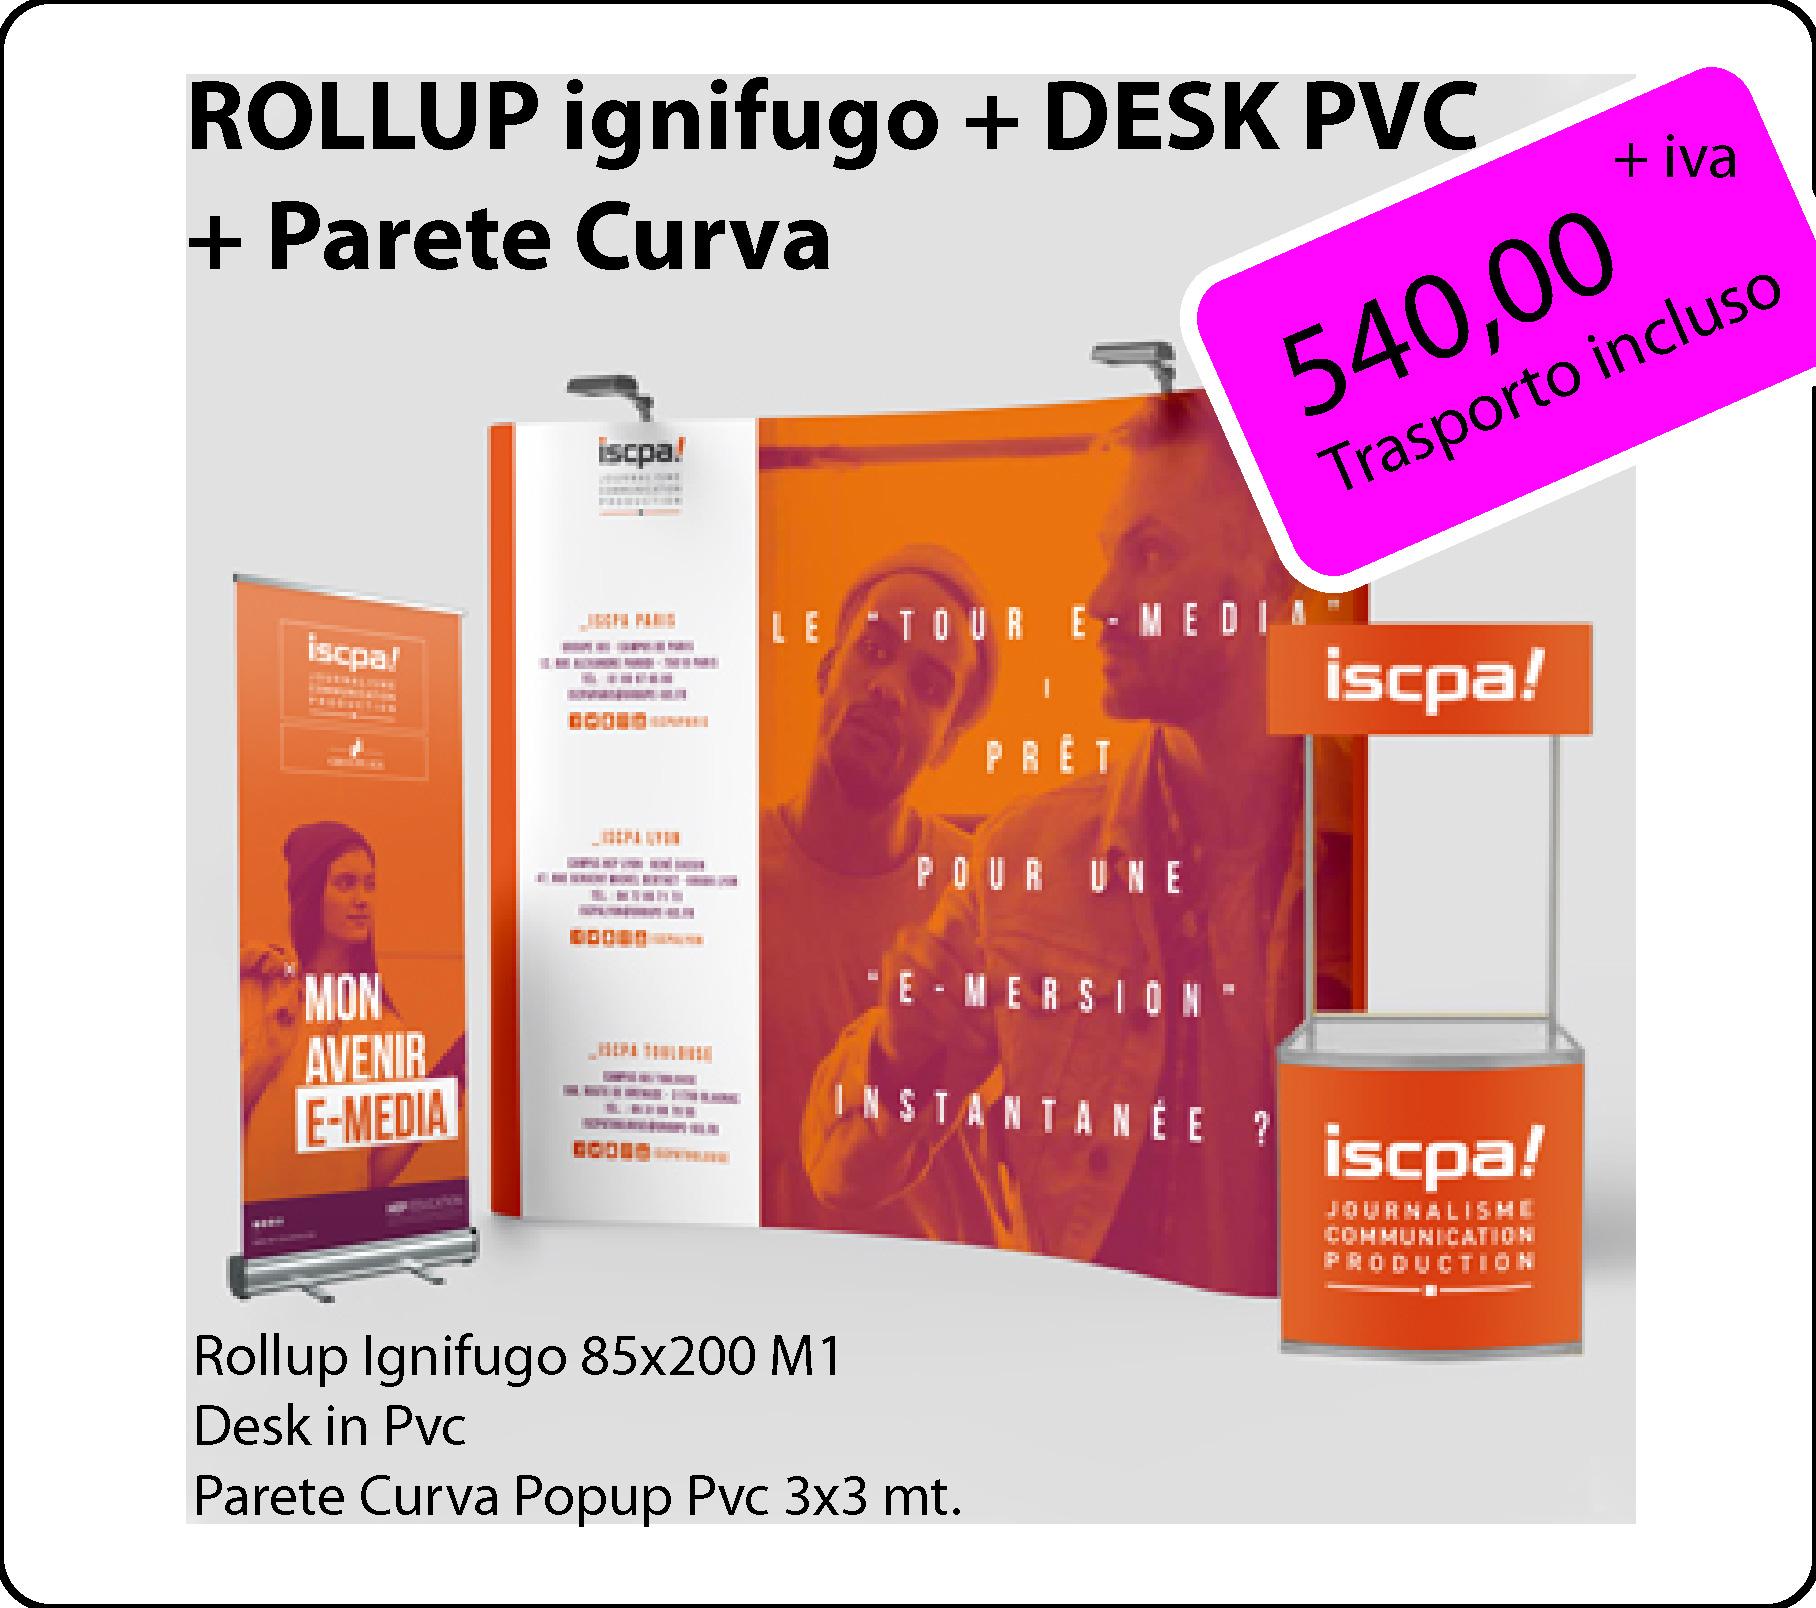 Pack 4 - Rollup + Desk pvc + Parete Curva